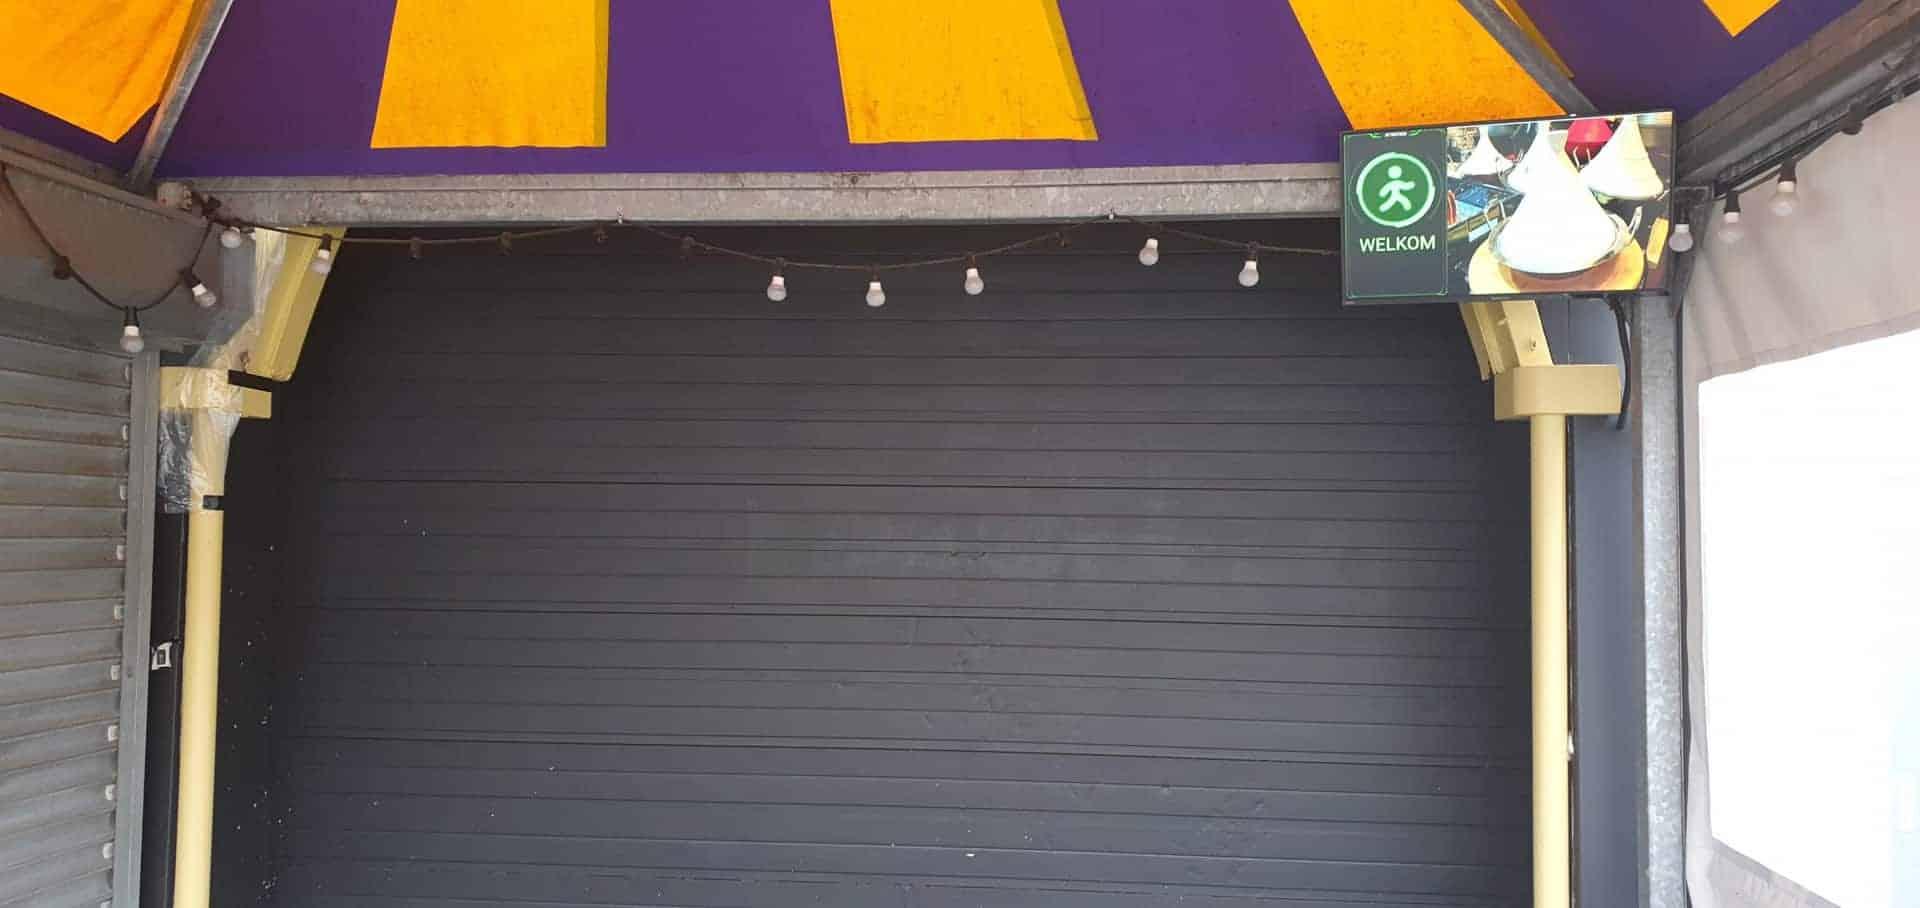 Speciale camera's voor De Bazaar Beverwijk